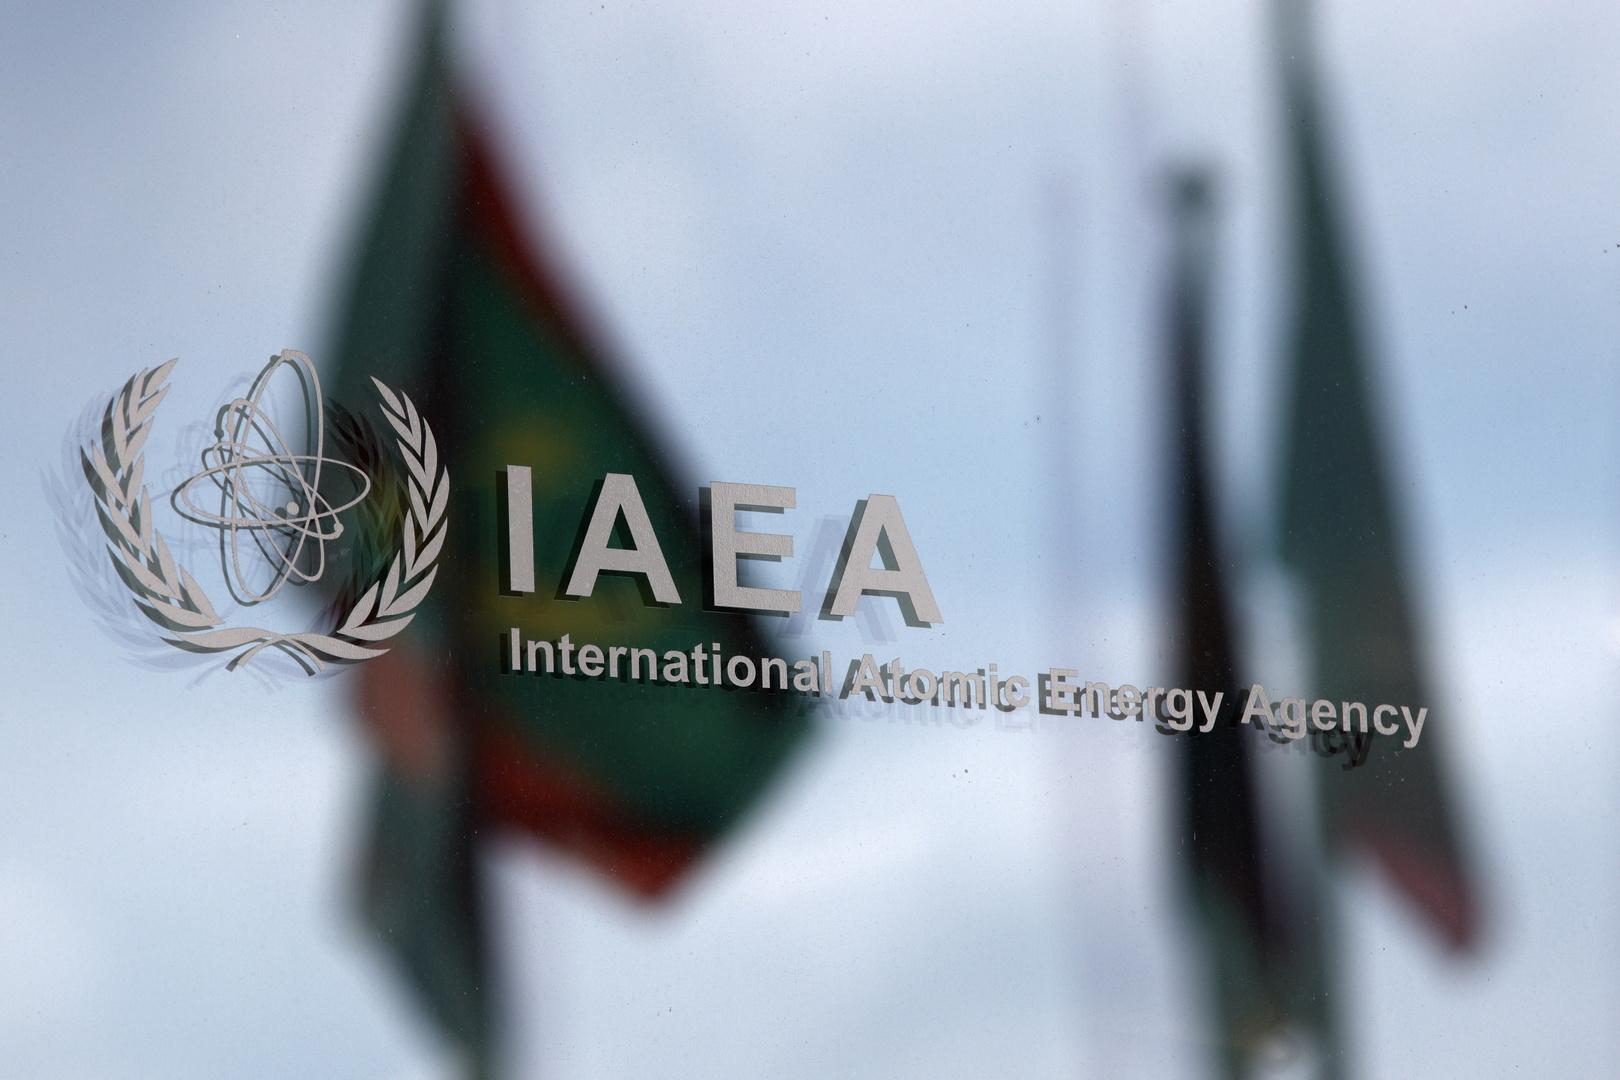 الإمارات ستستضيف أكثر تمرين دولي تعقيدا للتجاوب مع الطوارئ النووية